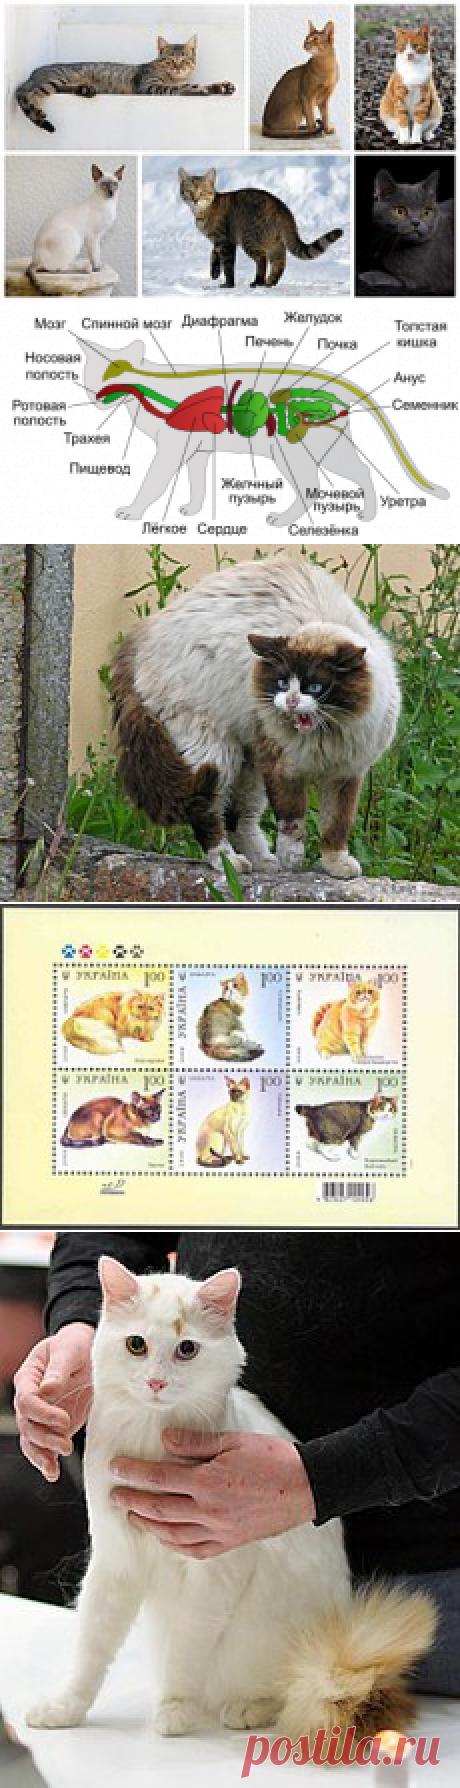 Кошка — Википедия